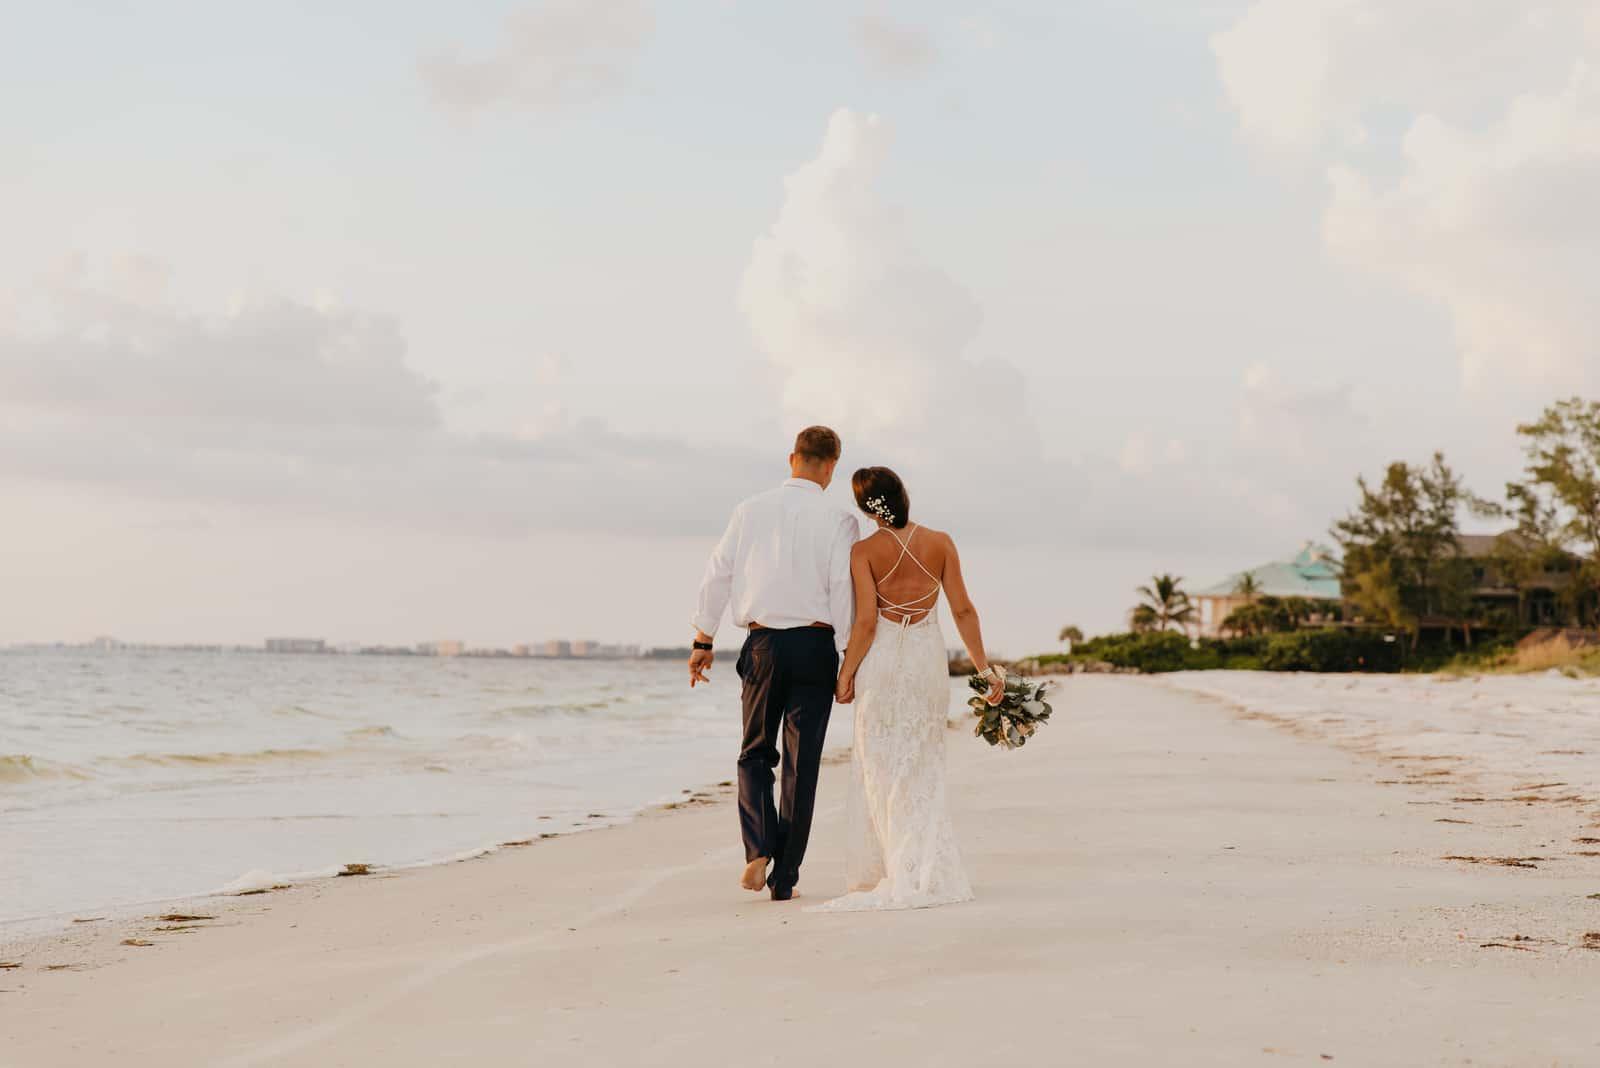 Schöne Braut und Bräutigam spazieren am Strand